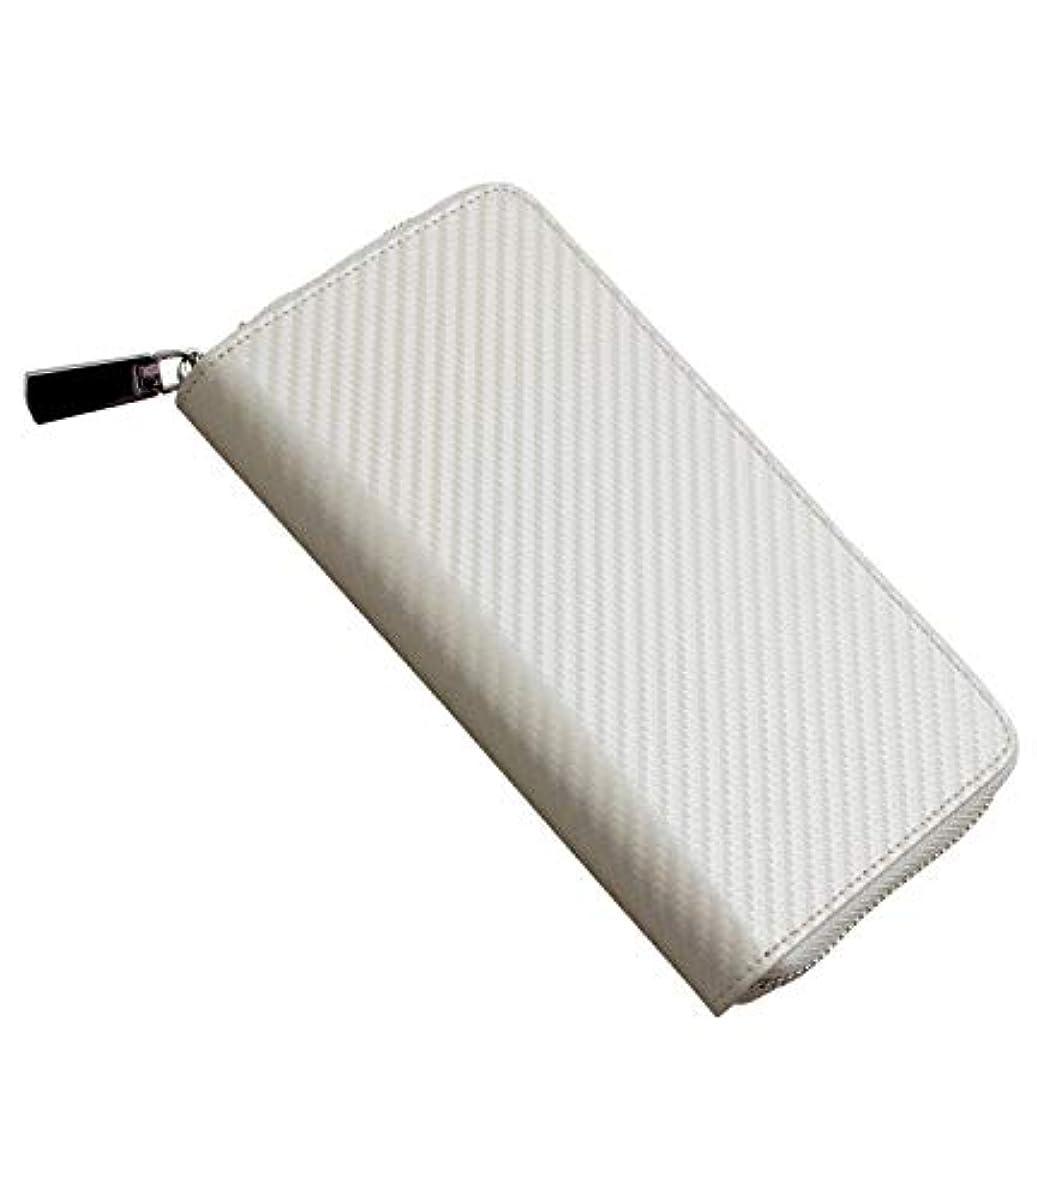 [해외] HIGH FIVE 아이고스3 아이고스3멀티 케이스 양방 들어 건 신형 IQOS3 IQOS3MULTI 전용 케이스 카본 레져 지갑형 가죽 카드 만들어 넣음담는 그릇·상자 등 본체 heat 스틱 전부 수납 홀더 펄 화이트